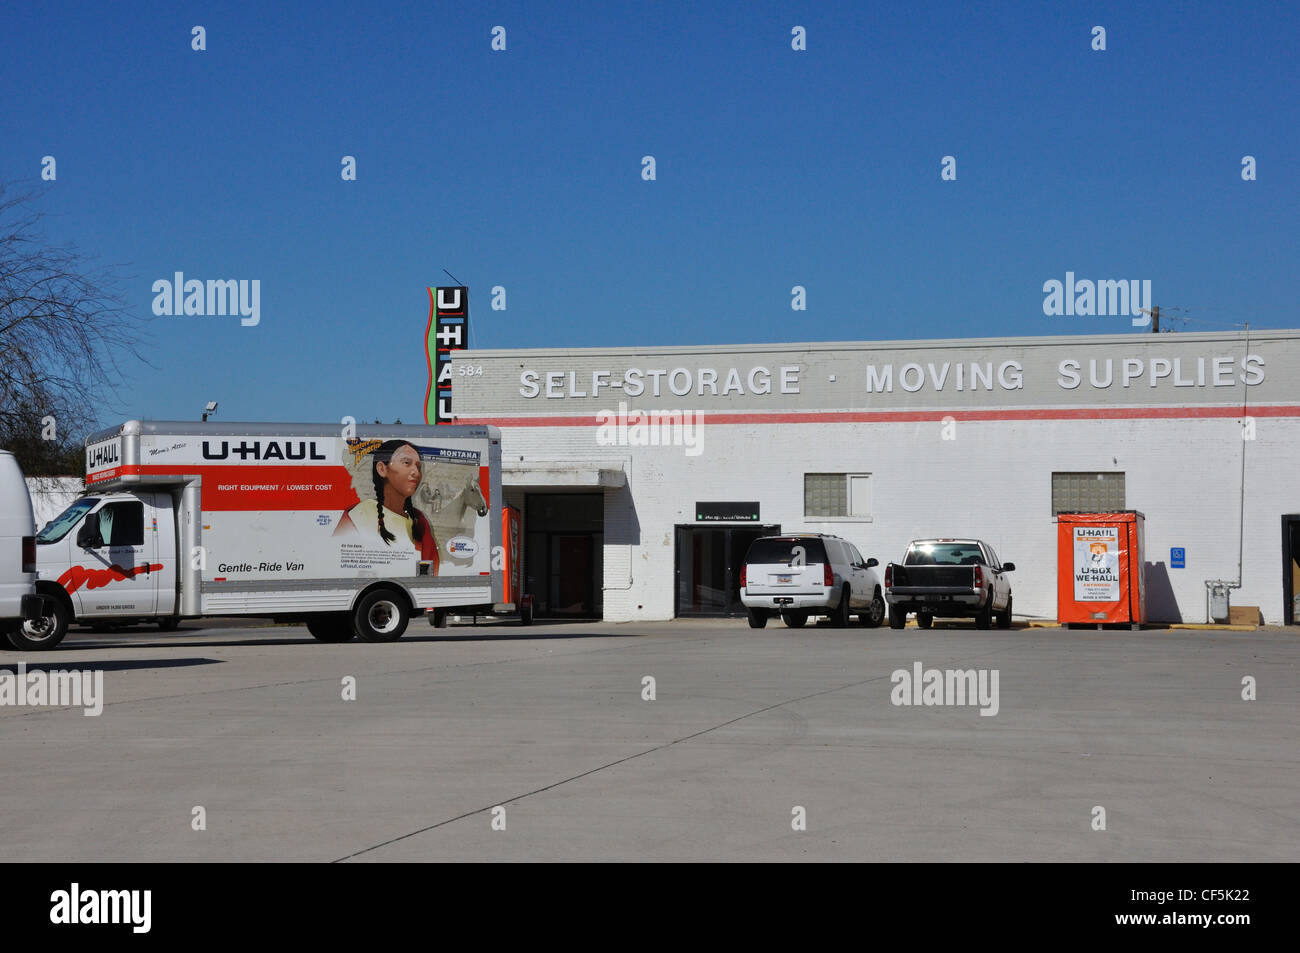 Uhaul Truck S U Haul Moving Trucks Stock Photo Royalty Free Image 43765290 Alamy